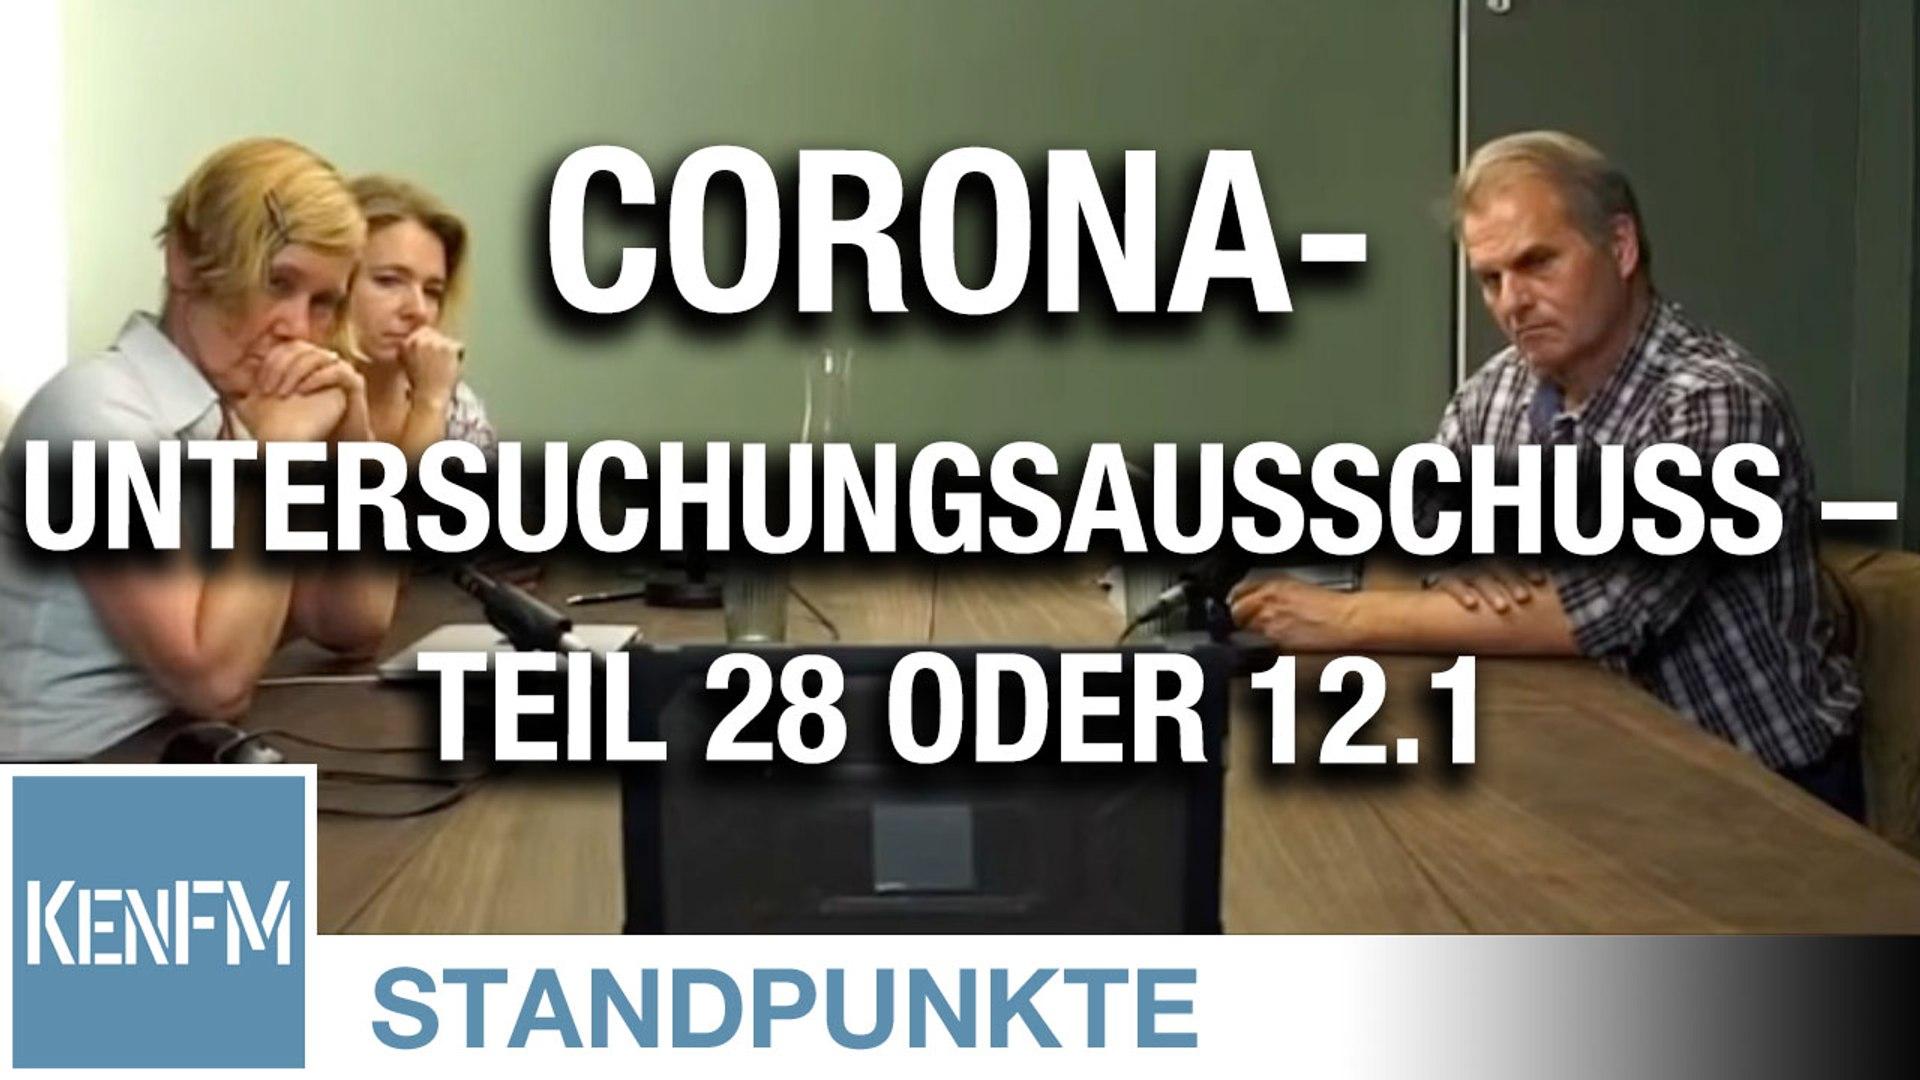 Corona-Untersuchungsausschuss – Teil 28 oder 12.1